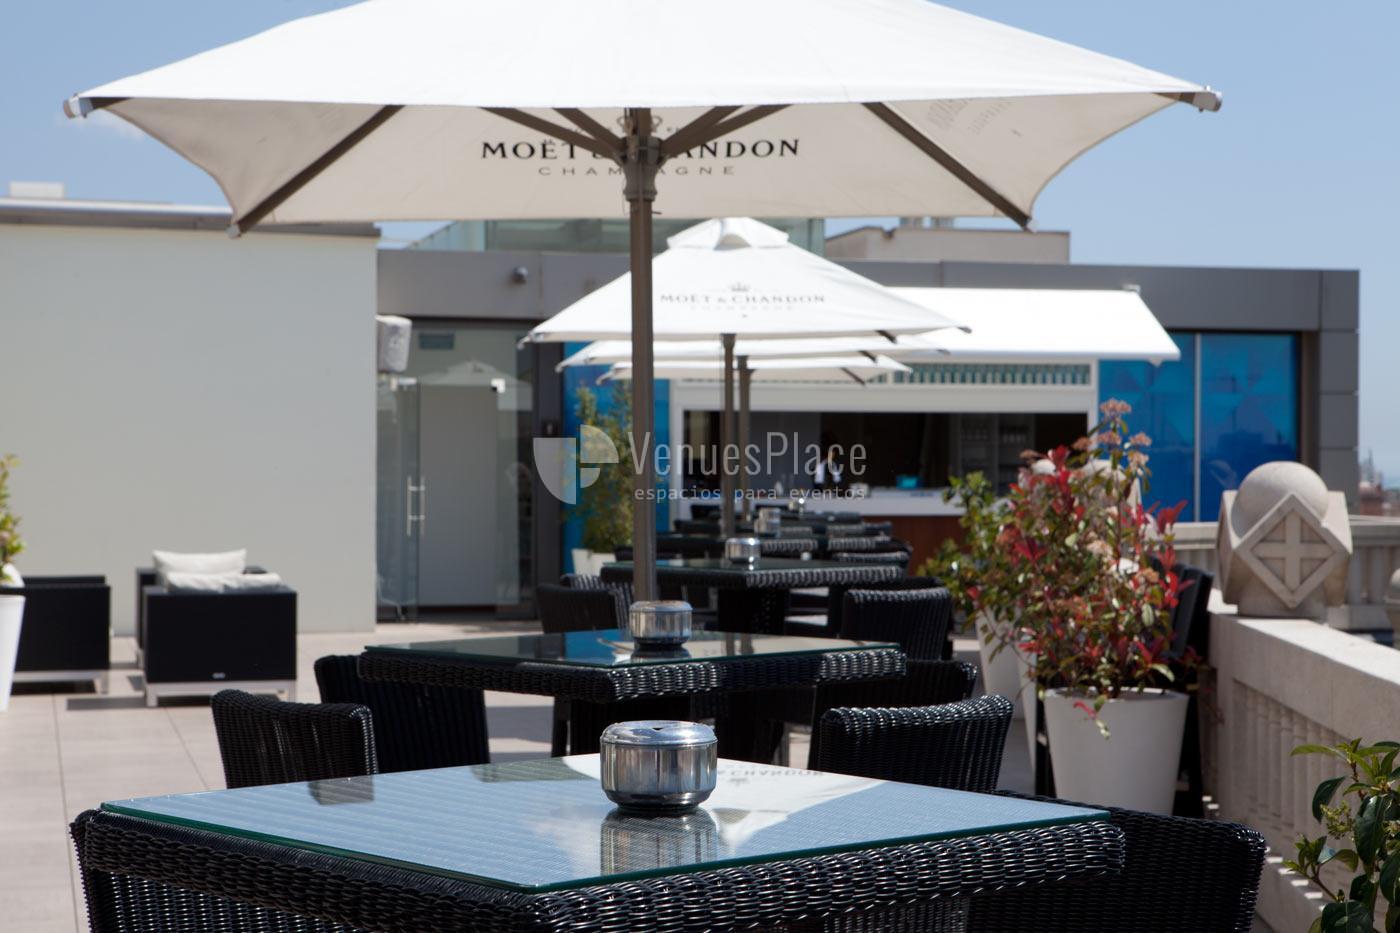 Hotel Casa Fuster Eventos Y Celebraciones Venuesplace